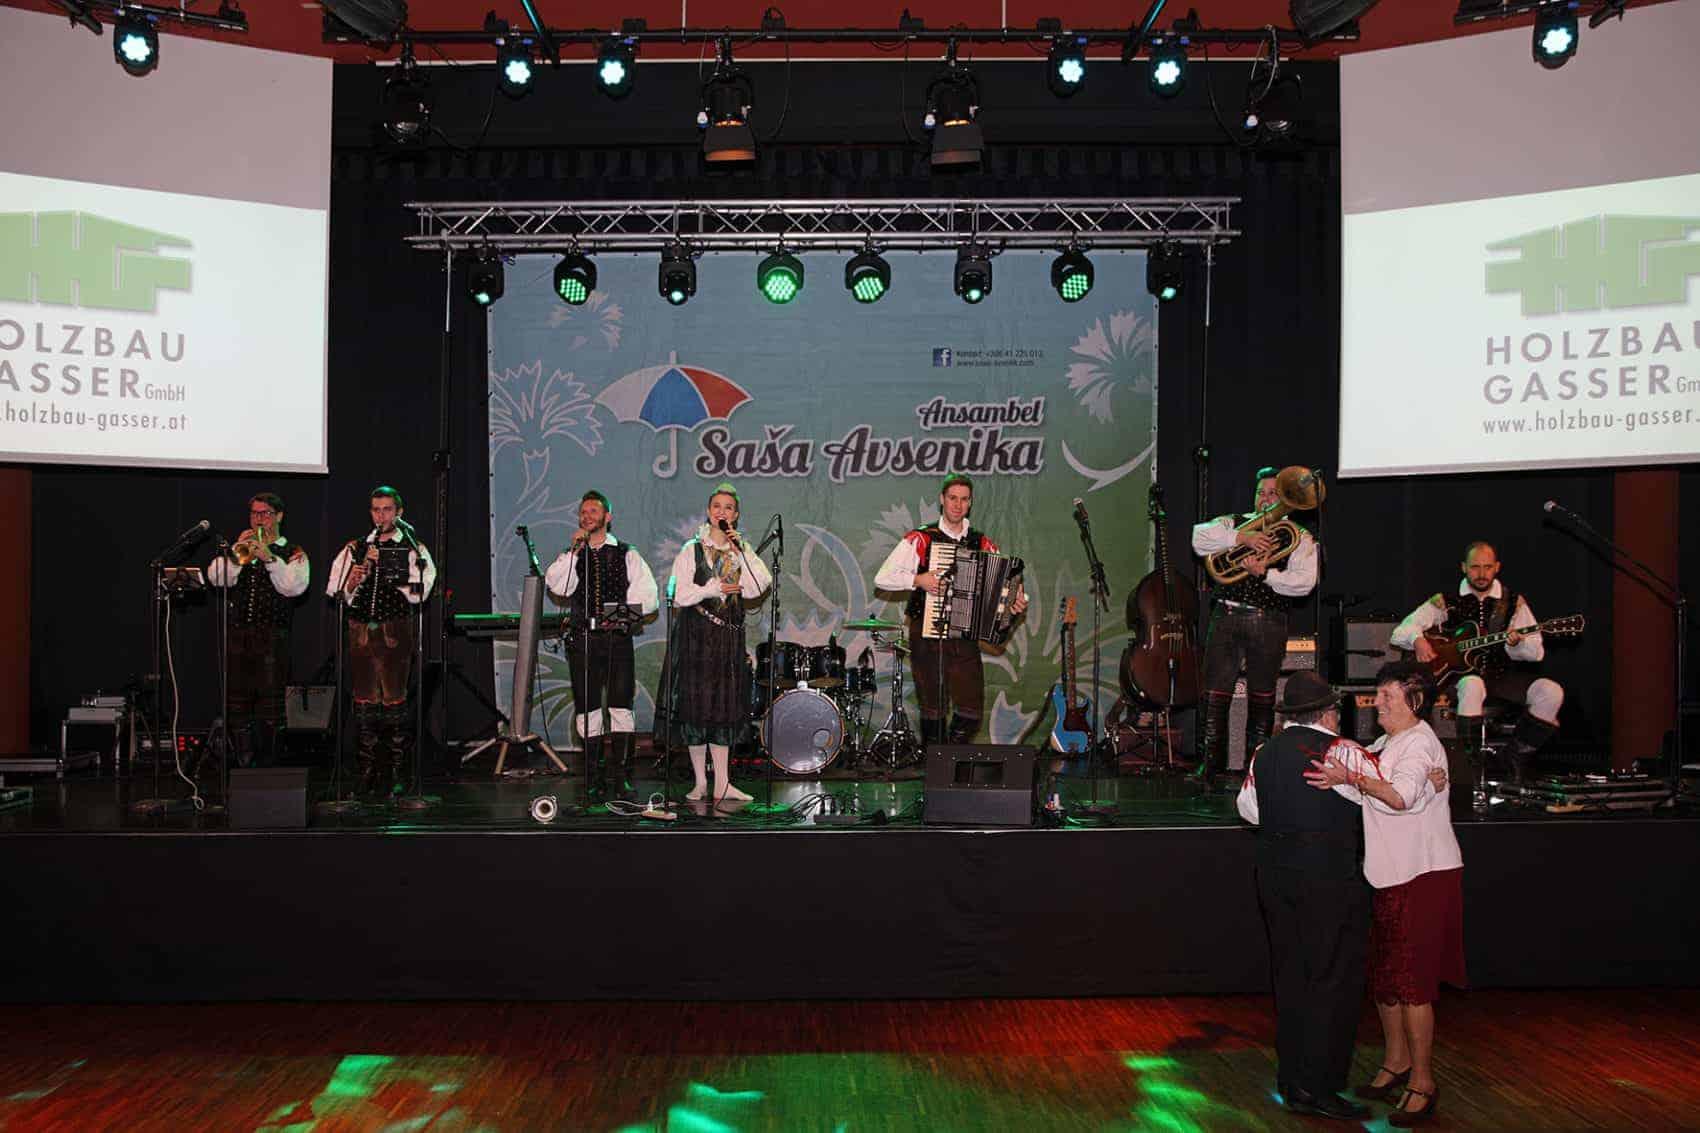 Slovenski_ples_2020_18